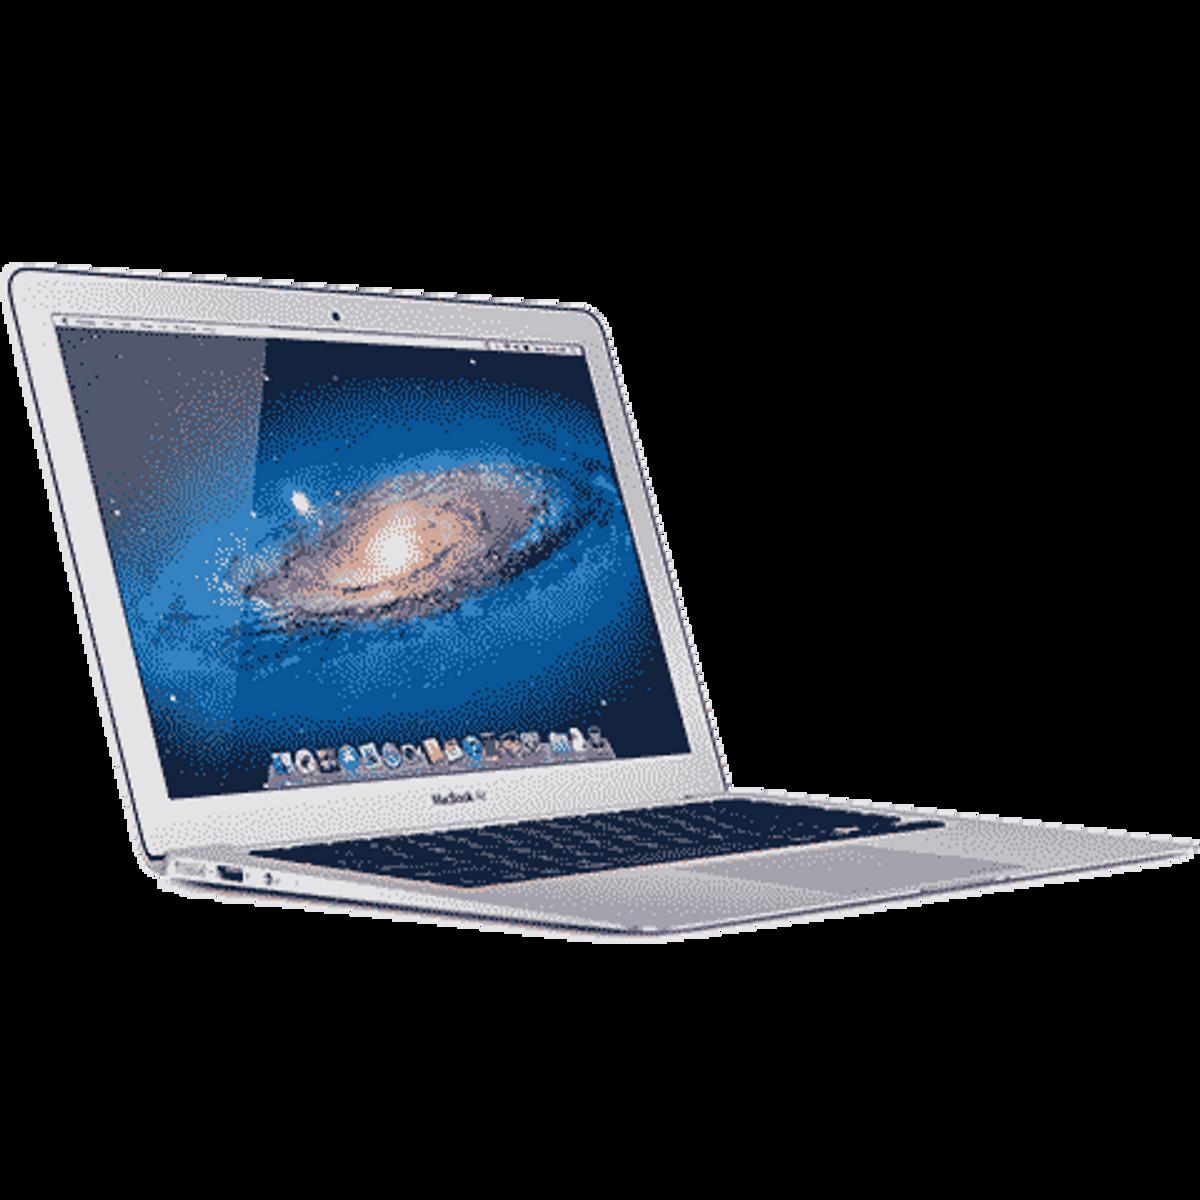 apple-macbook-pro-13-inch-2017 Price in India, Full Specs ...